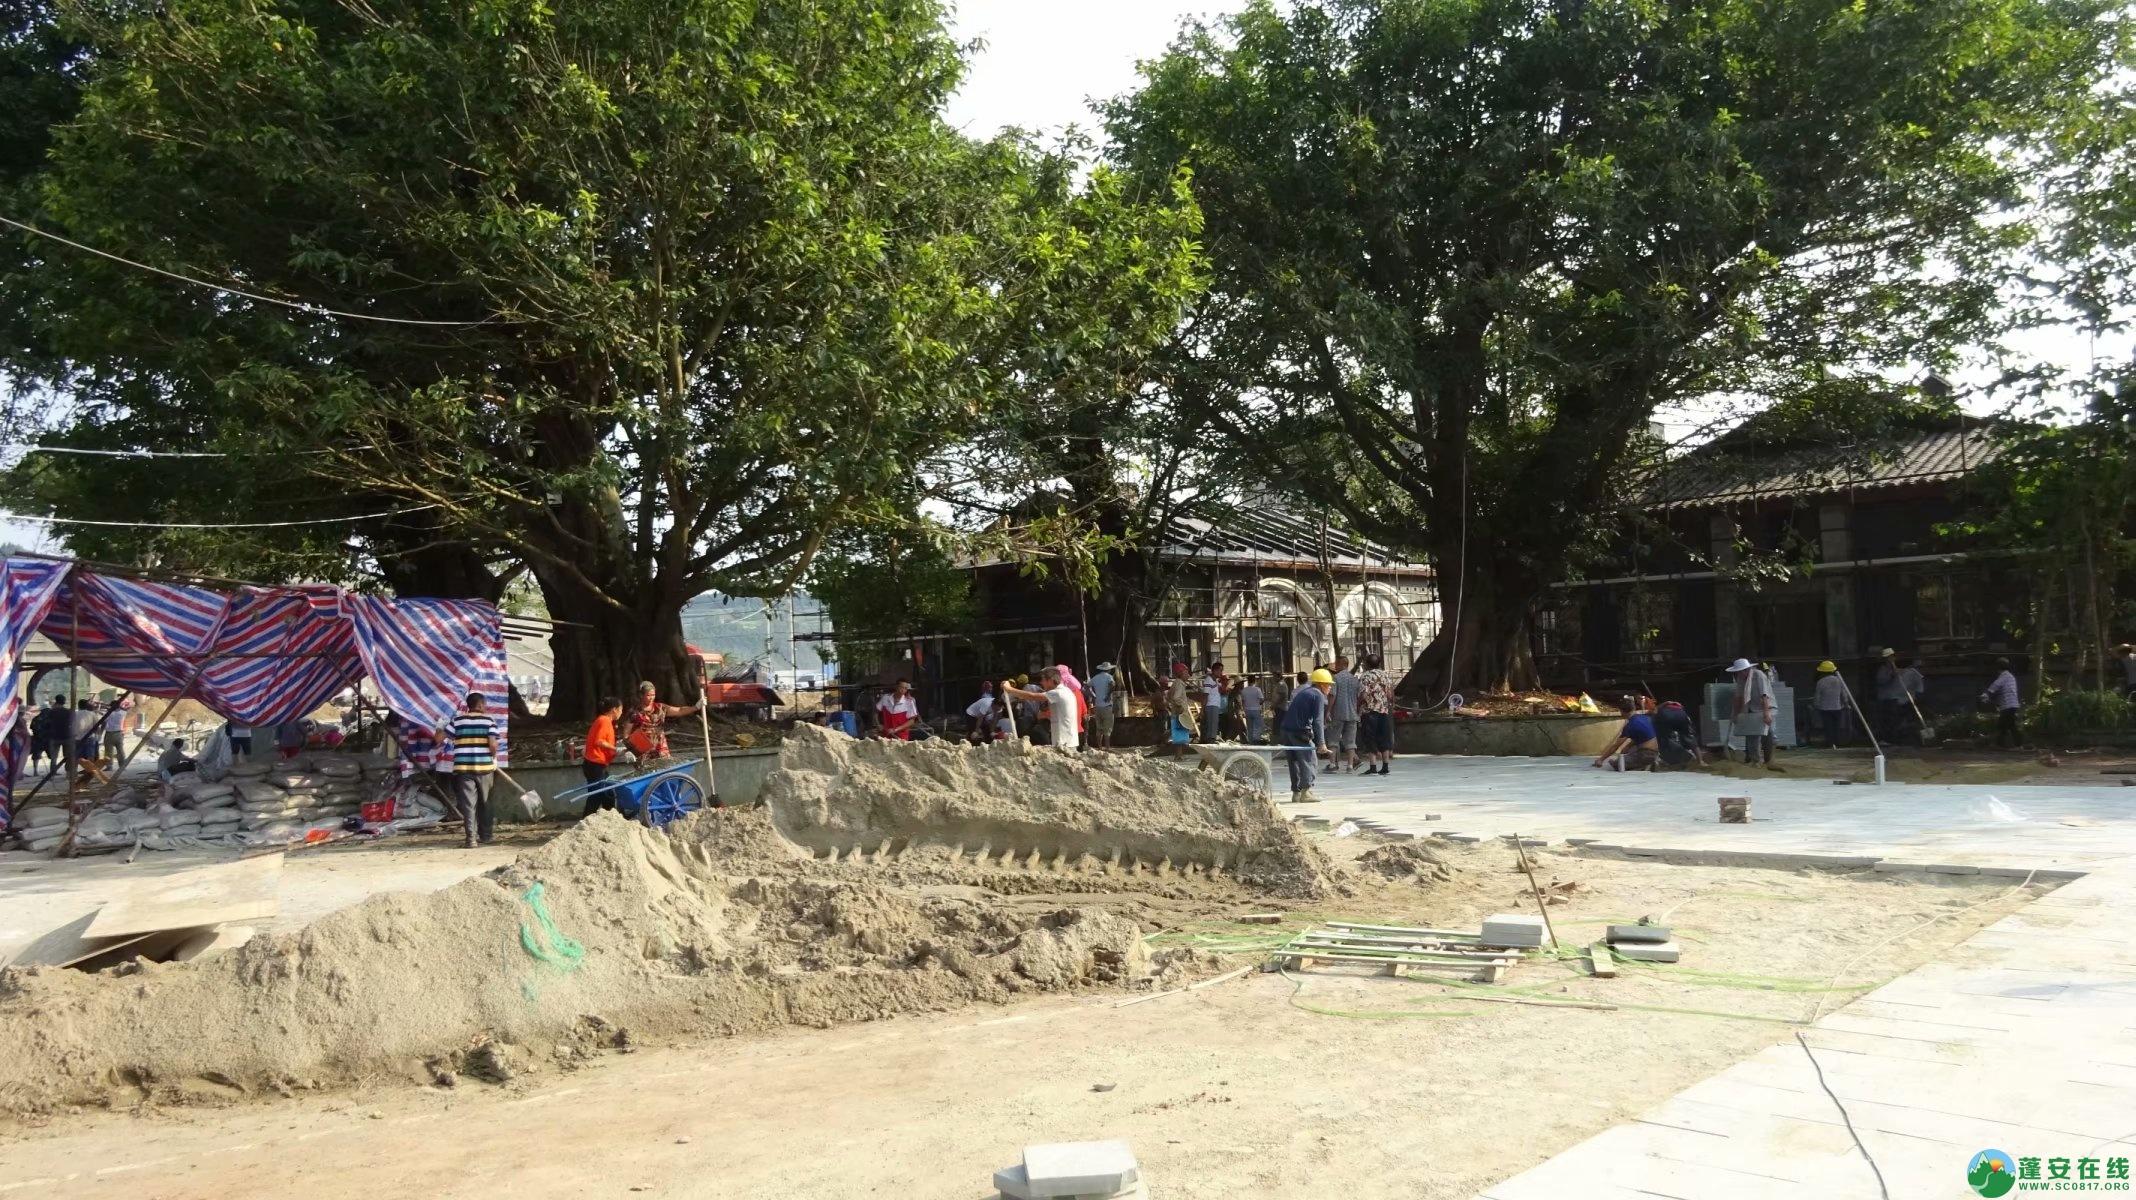 蓬安锦屏相如故城建设迅猛 - 第35张  | 蓬安在线